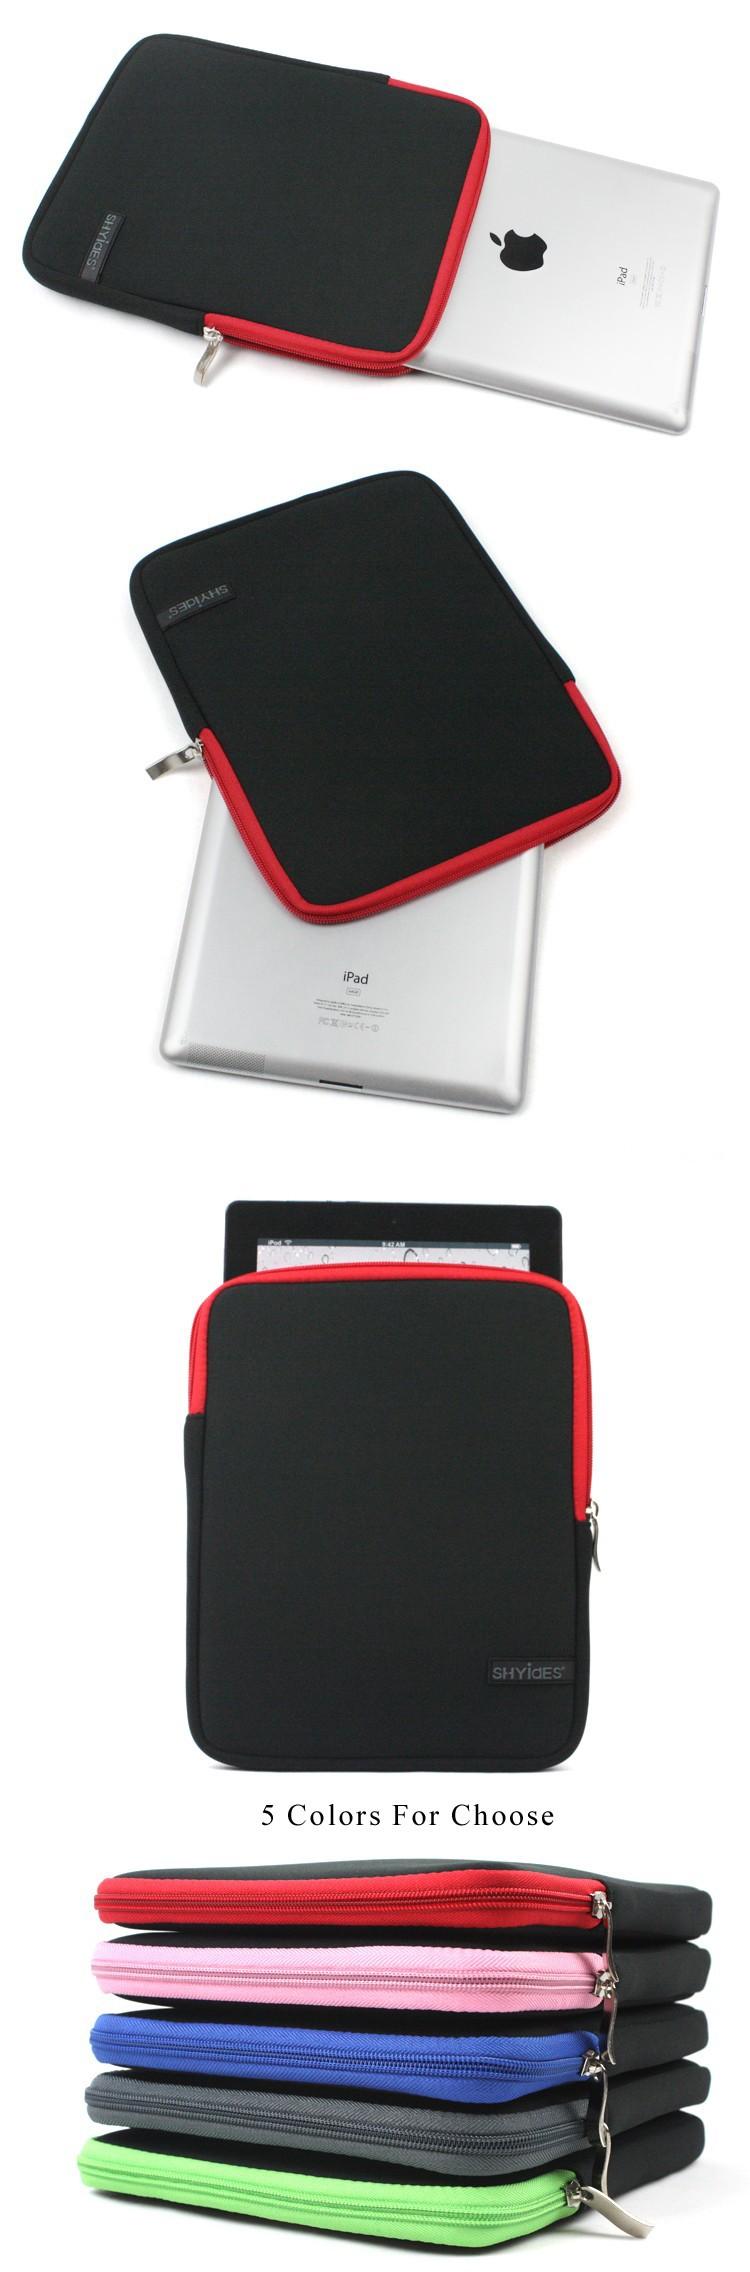 к 2015 году 9.7 10-дюймовый ноутбук сумка планшет чехол Обложка водонепроницаемые мешки для apple ipad воздуха 5 4 3 samsung galaxy tab 3